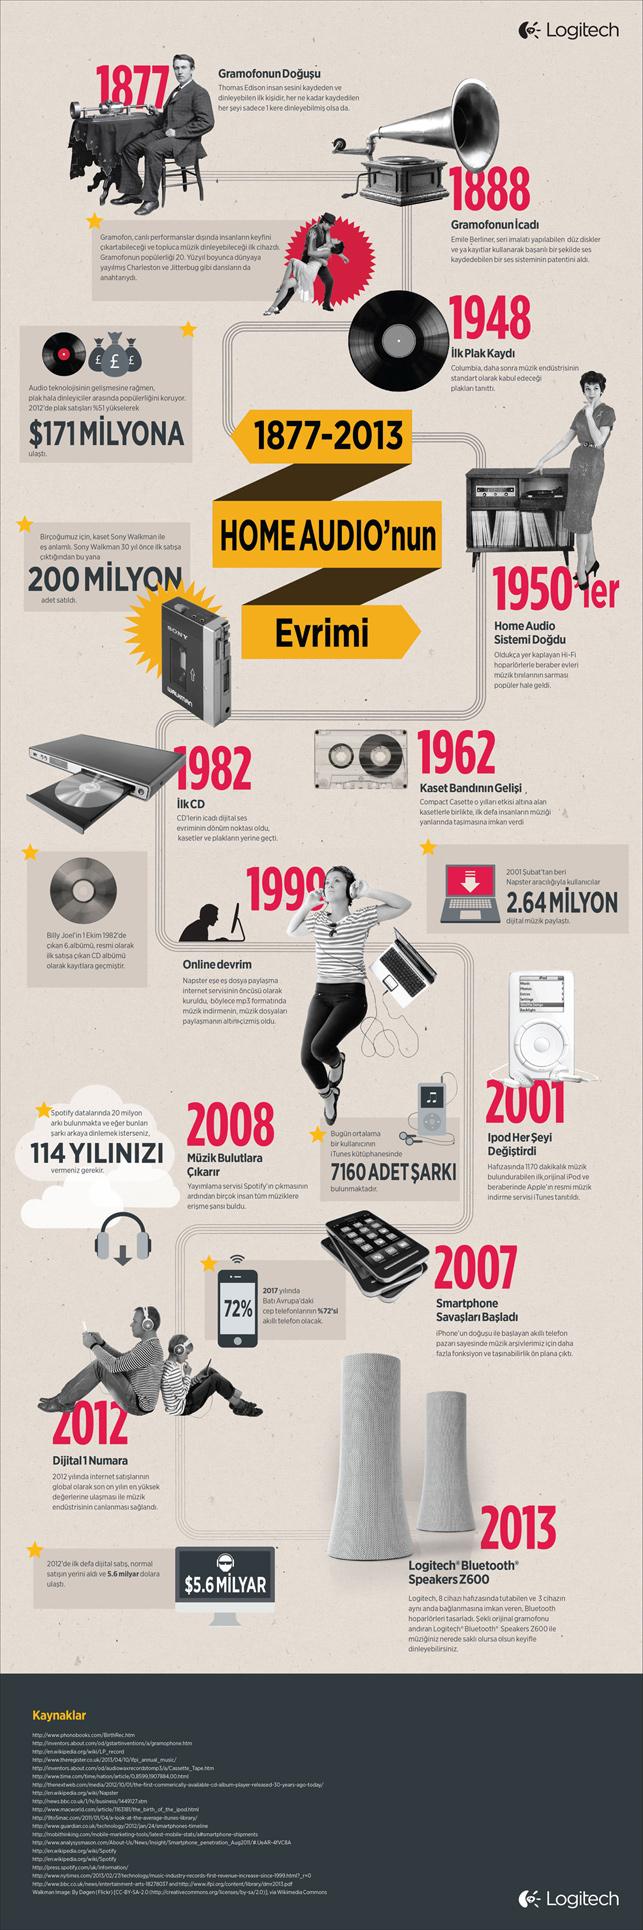 Müzik tüketim eğilimlerinin yıllar içinde değişimi